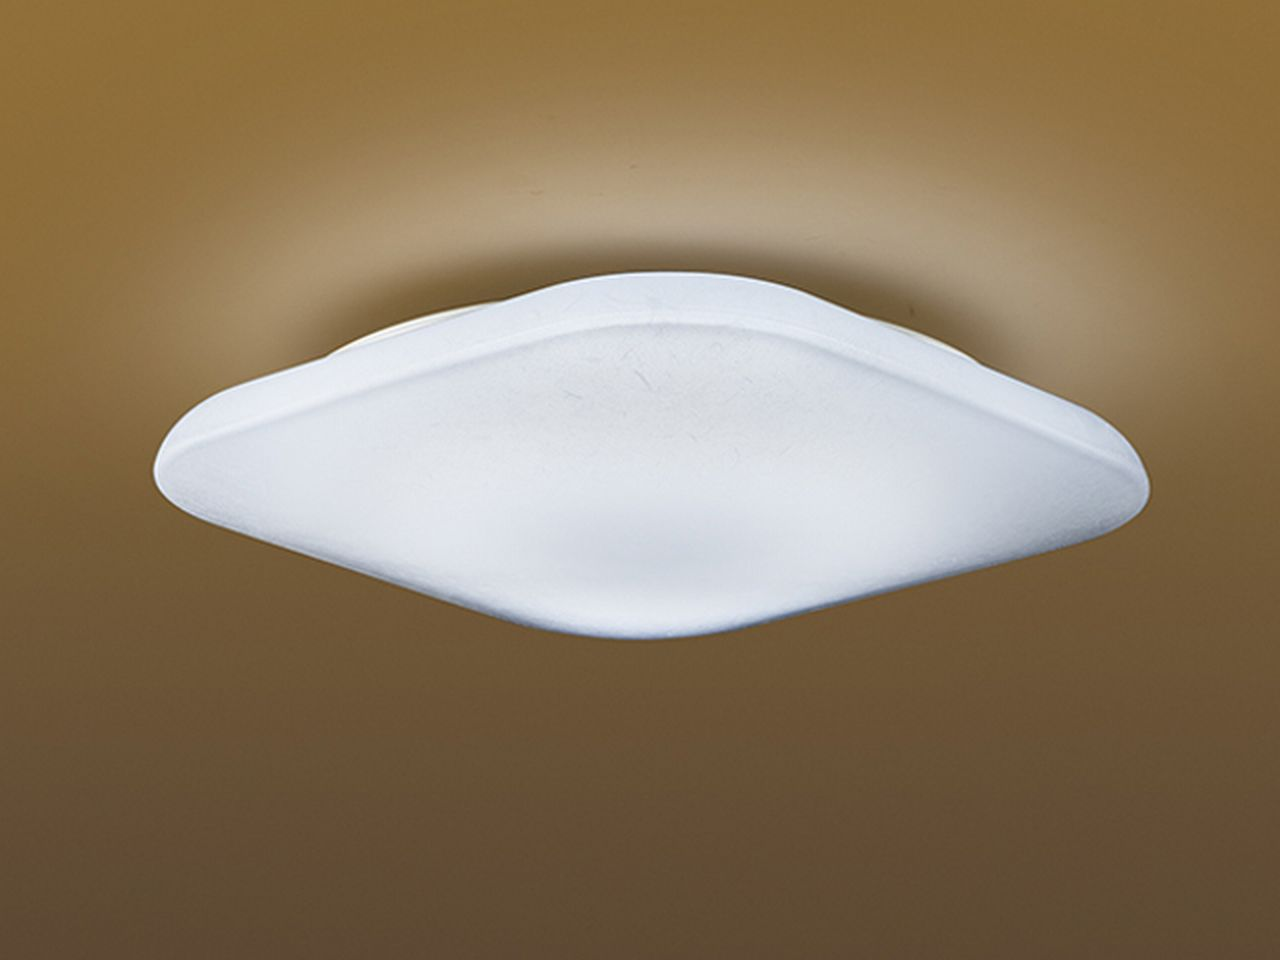 コイズミ照明 LEDシーリング BH16770..